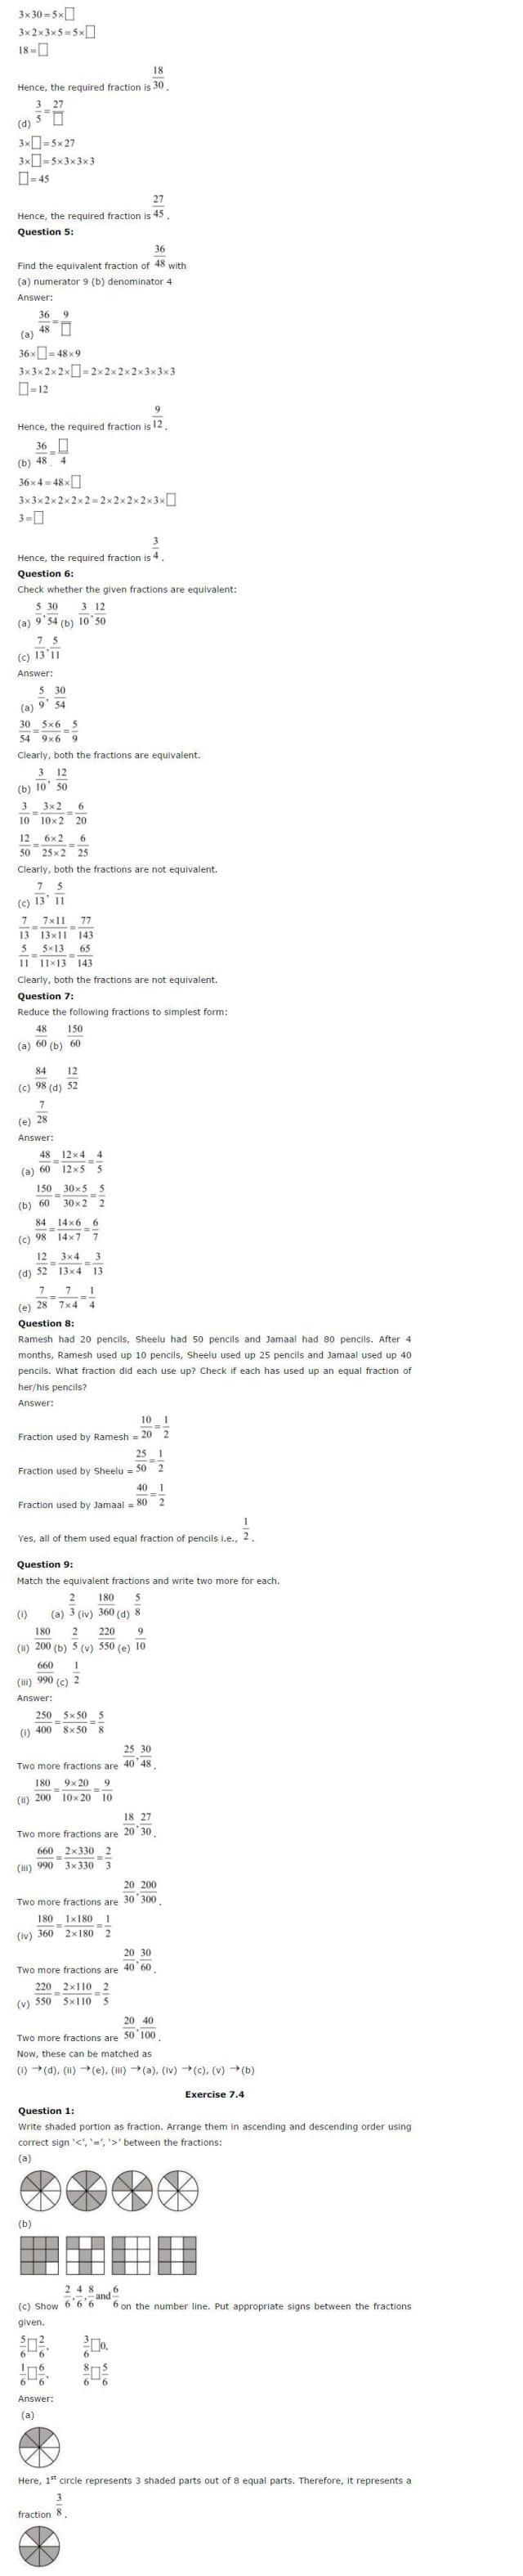 http://i0.wp.com/farm9.staticflickr.com/8081/8316188805_7d1f0d8b59_o.jpg?w=100%25